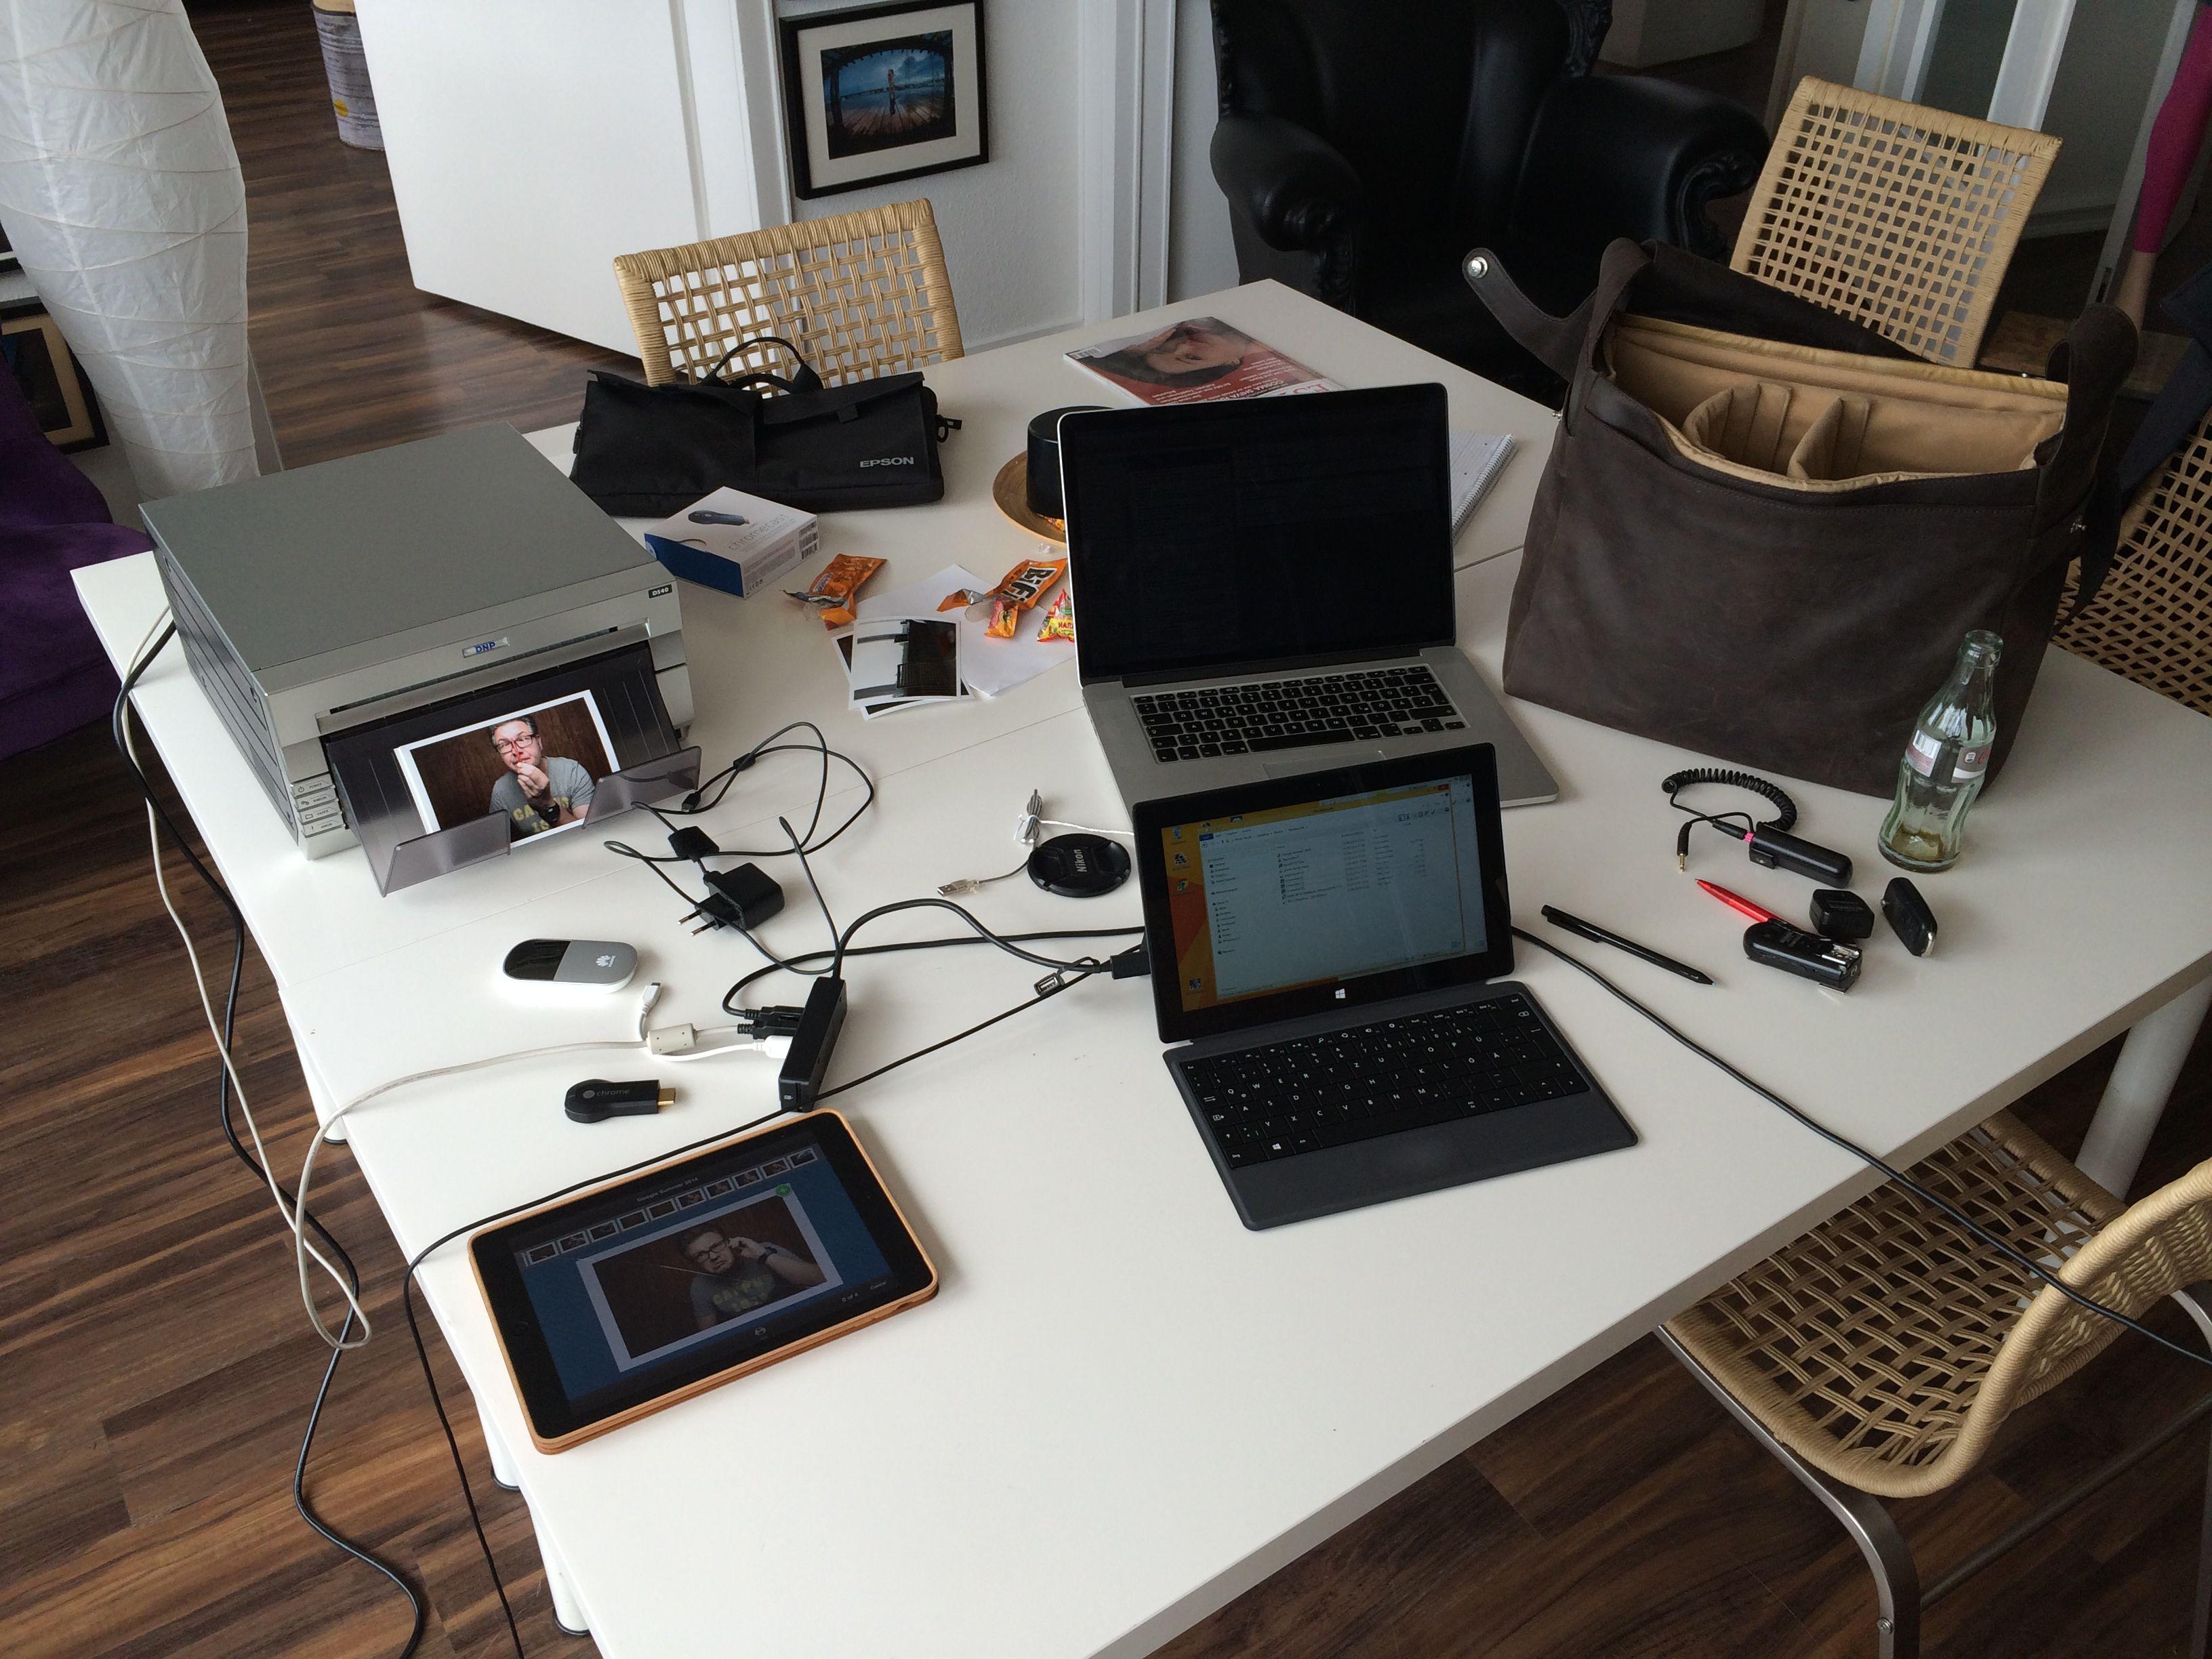 Photo Booth Bauen Die Software Neunzehn72